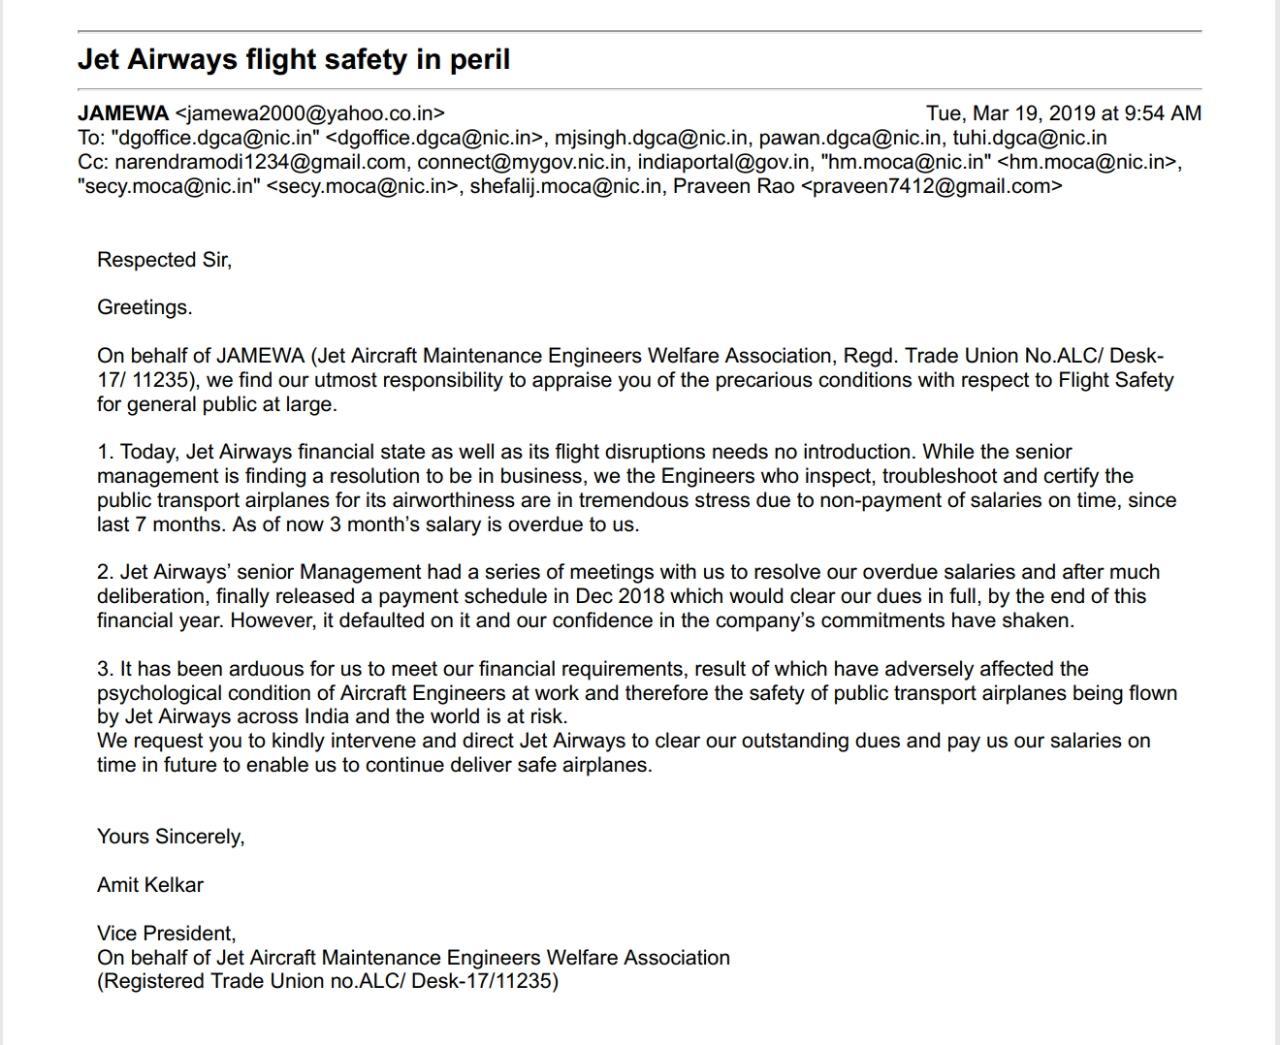 जेट एयरक्राफ्ट इंजीनियर्स वेलफेयर एसोसिएशन की ओर से डीजीसीए को भेजा गया पत्र. (फोटो साभार: ट्विटर)